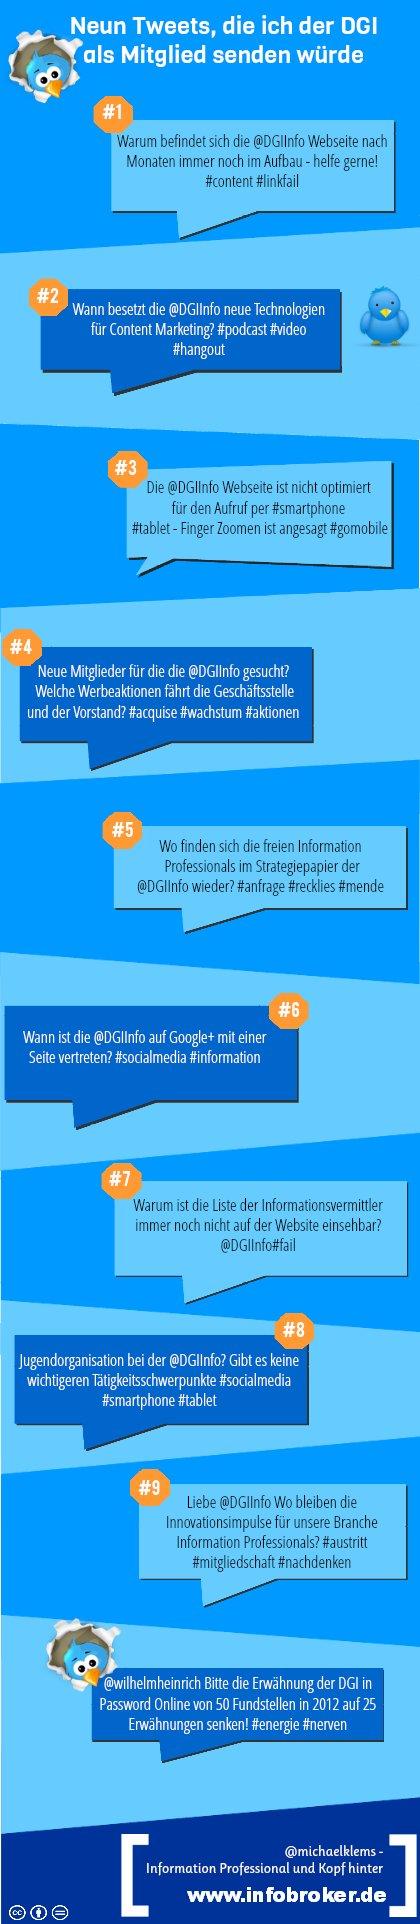 infografik-neun-tweets-an-die-dgi